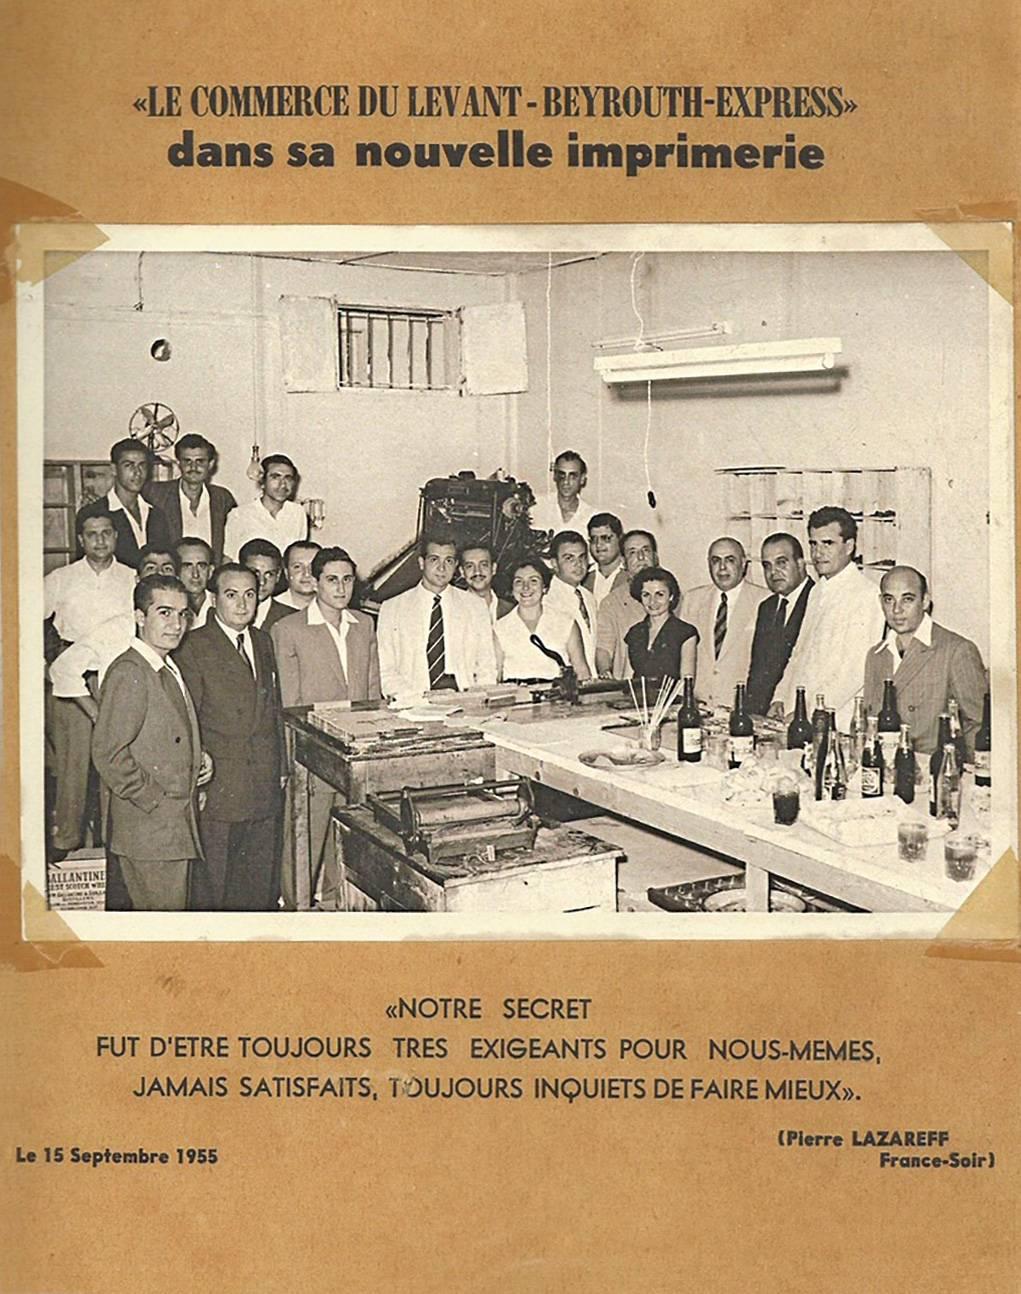 Le Commerce du Levant au cœur de l'histoire de la presse libanaise